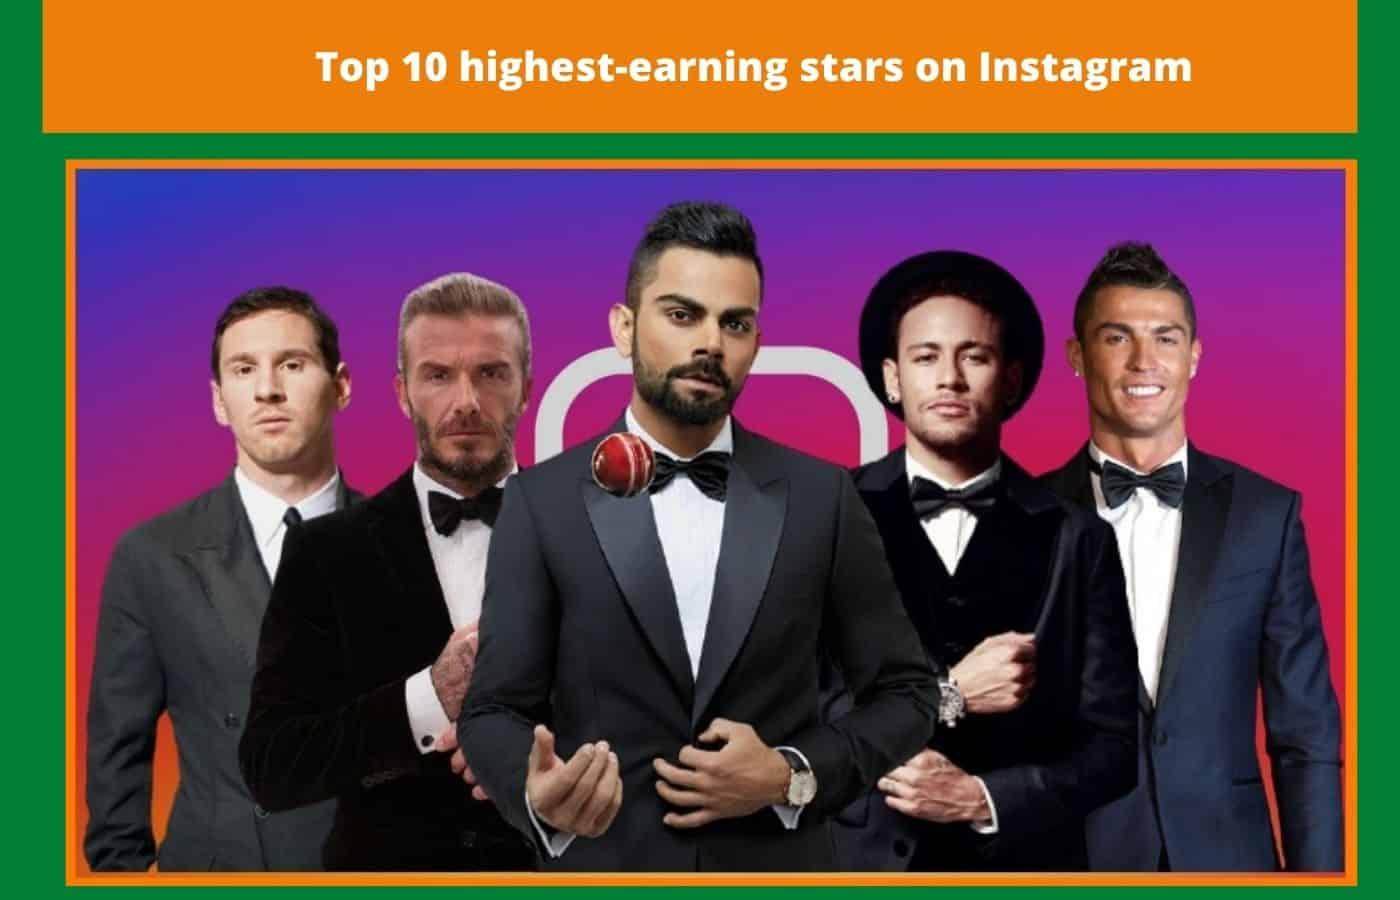 Top 10 highest-earning stars on Instagram